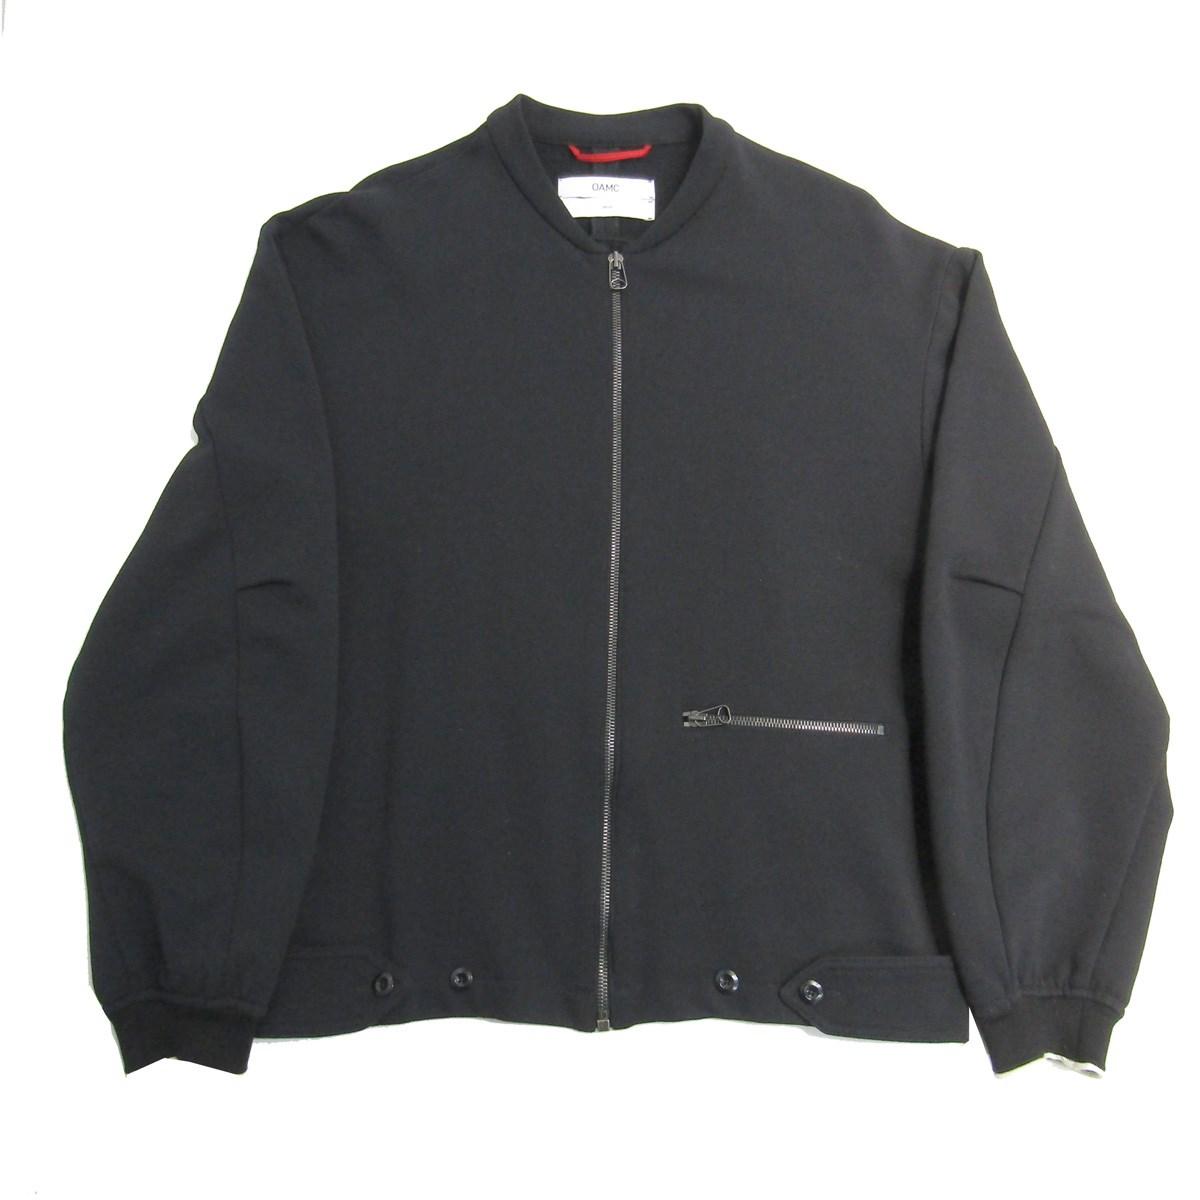 【中古】OAMC ノーカラージップアップジャケット ブラック サイズ:S 【090120】(オーエーエムシー)